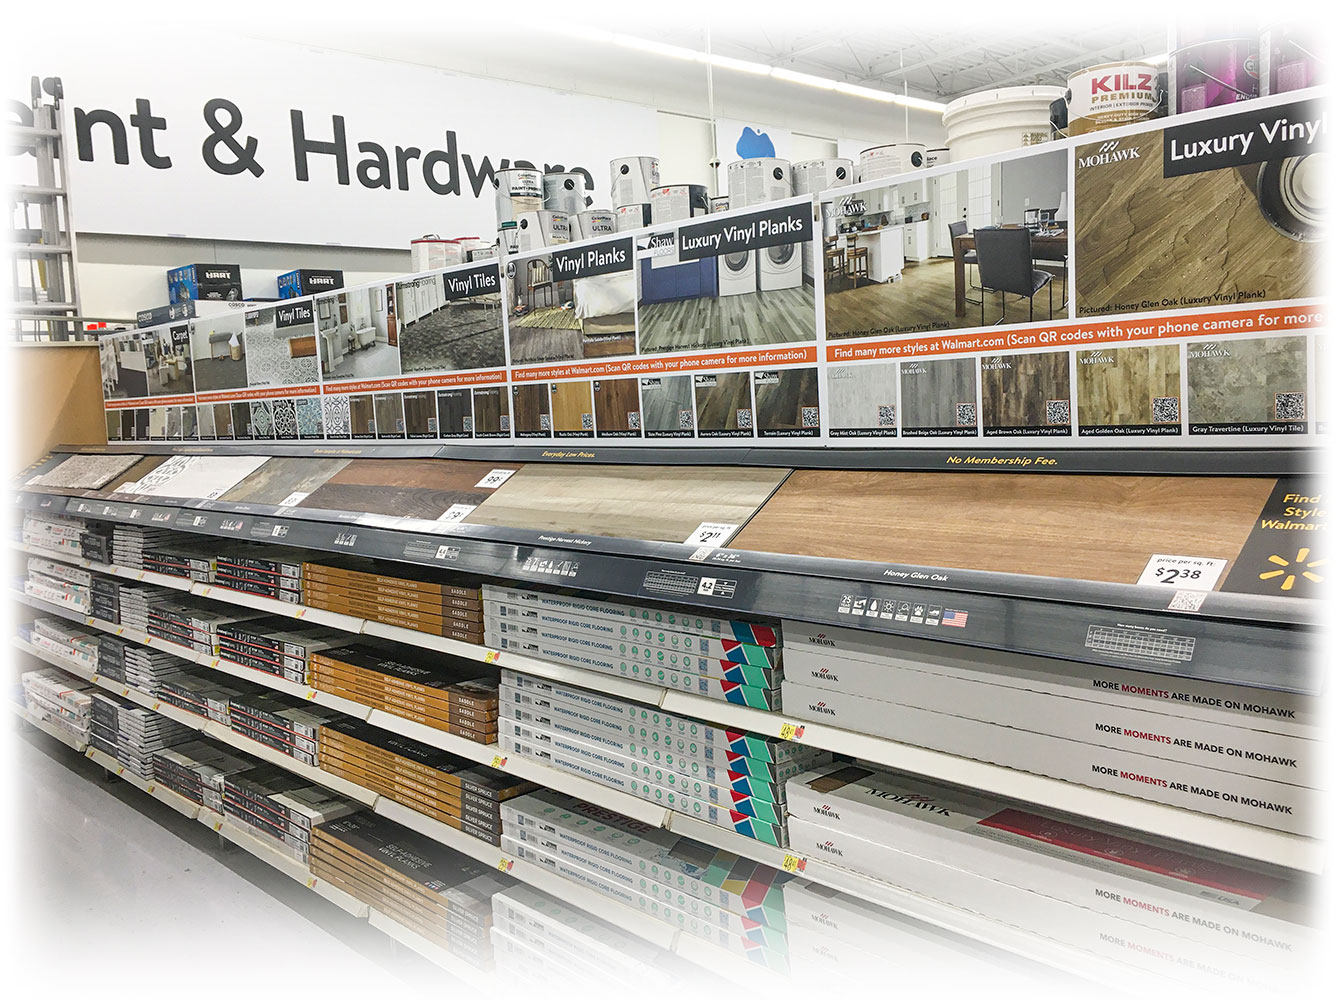 Walmart Flooring display